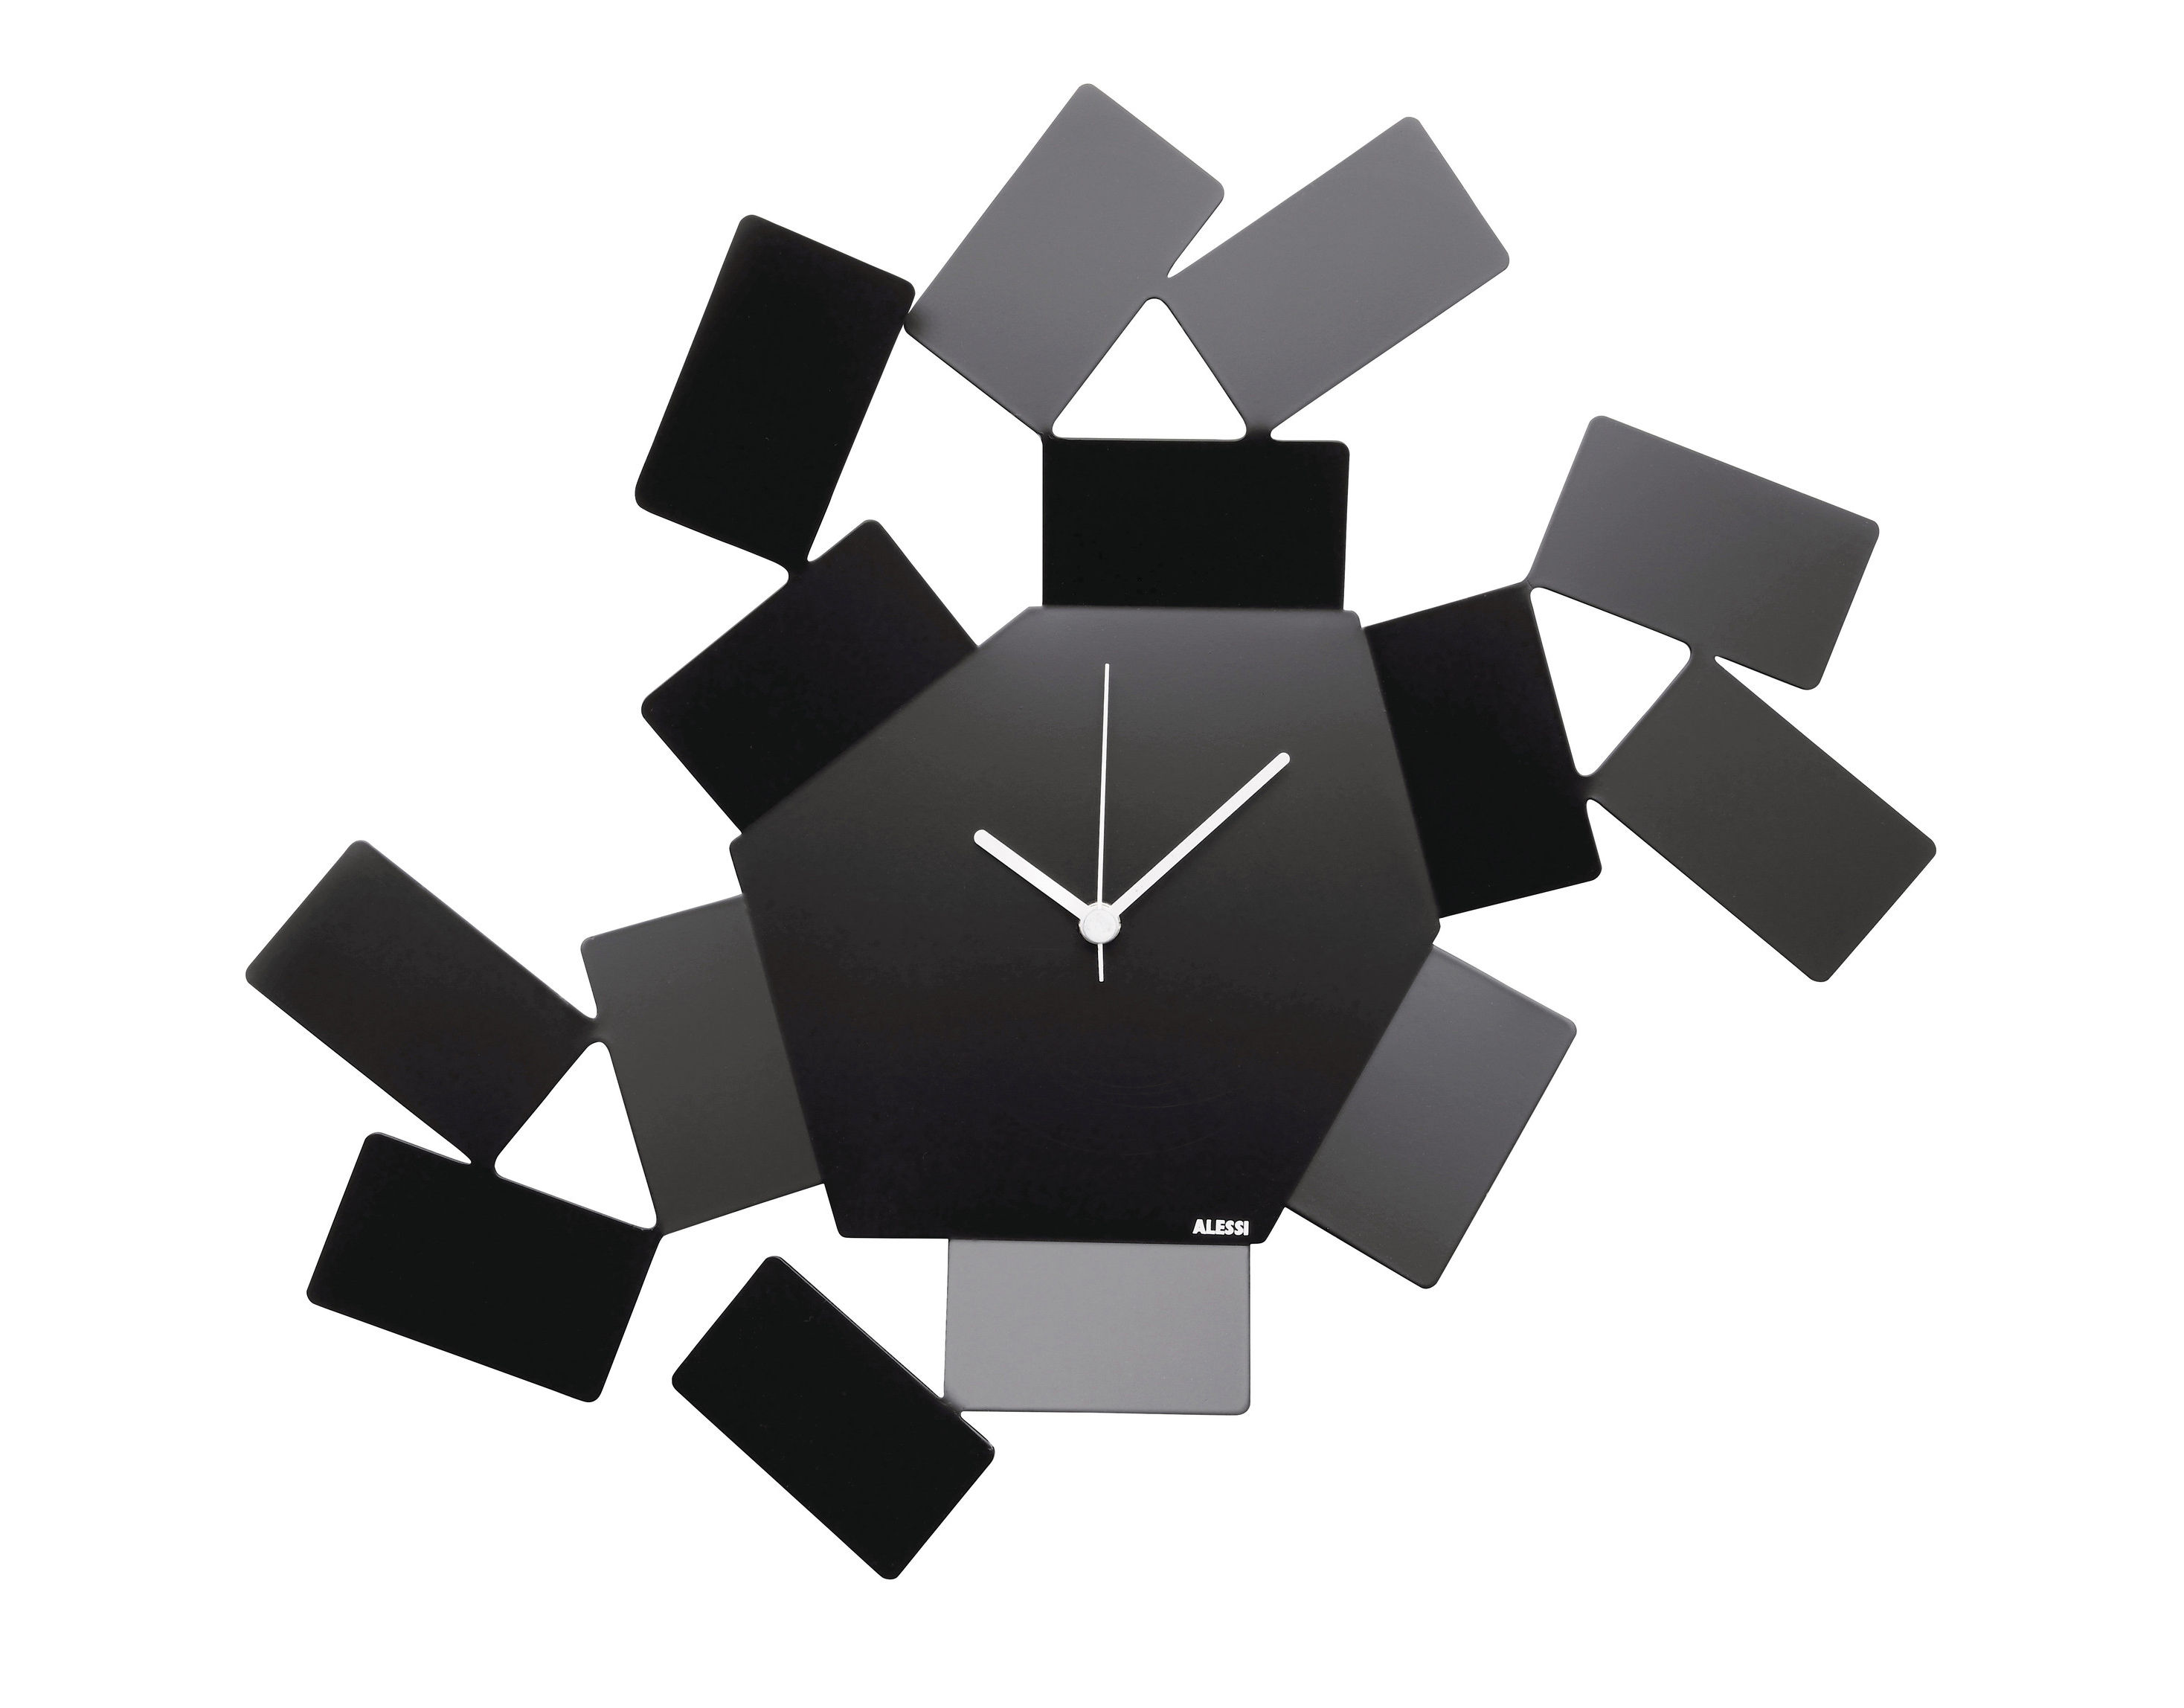 horloge murale la stanza dello scirocco l 46 x h 33 5 cm noir alessi. Black Bedroom Furniture Sets. Home Design Ideas